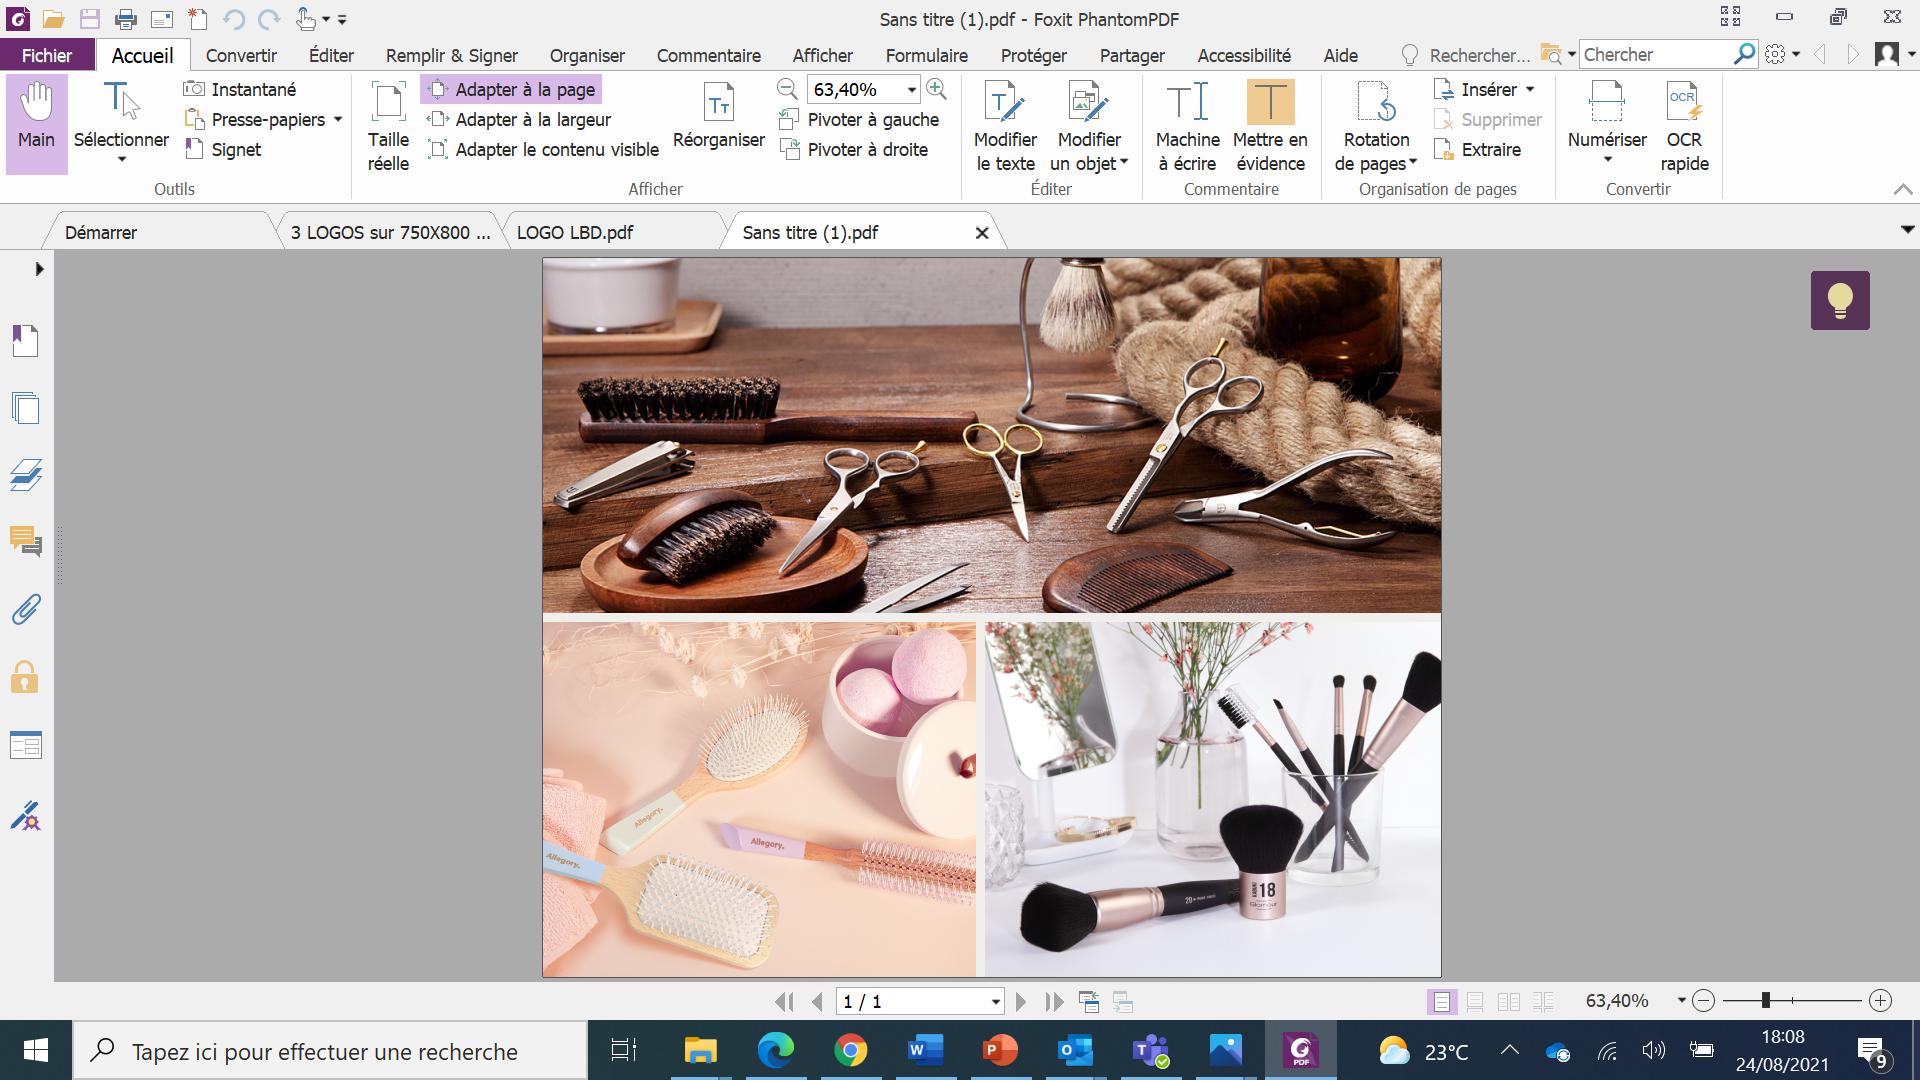 Une image contenant texte, capture d'écran, intérieur, équipement électronique  Description générée automatiquement